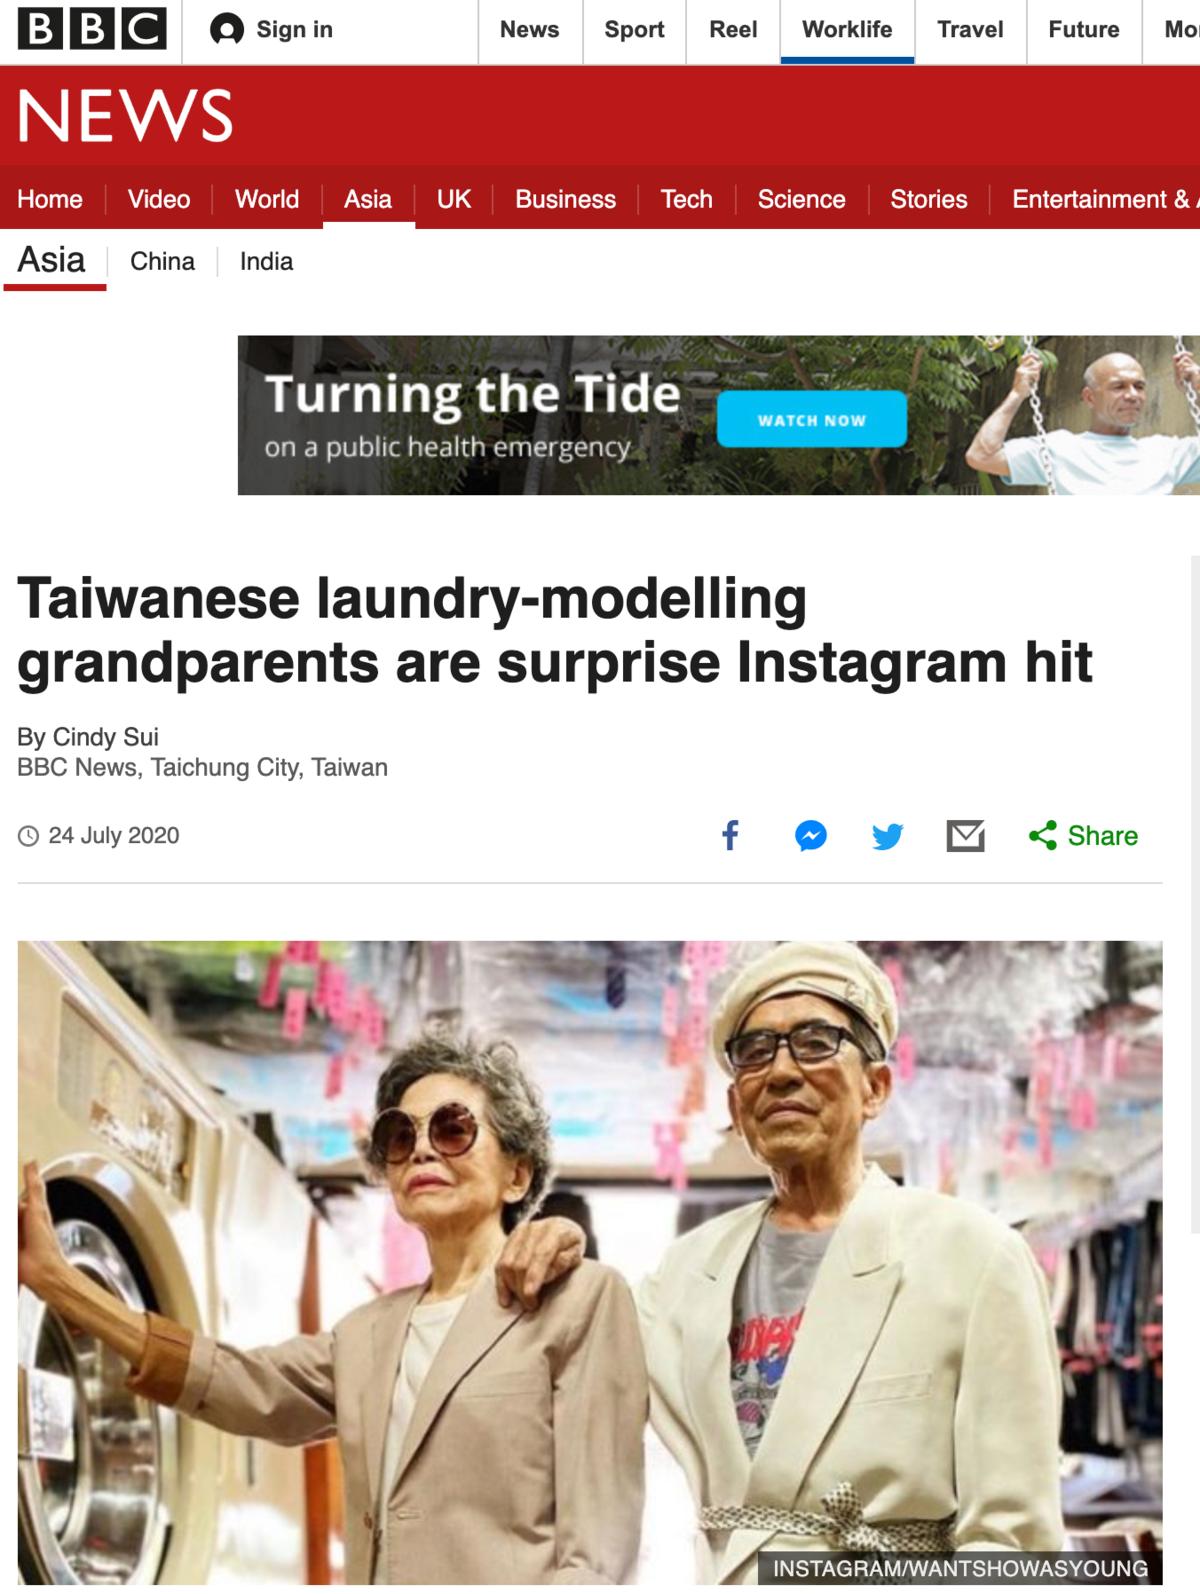 萬吉和秀娥的穿搭照在IG爆紅,連《BBC》也來報導。(翻攝自《BBC》網站)